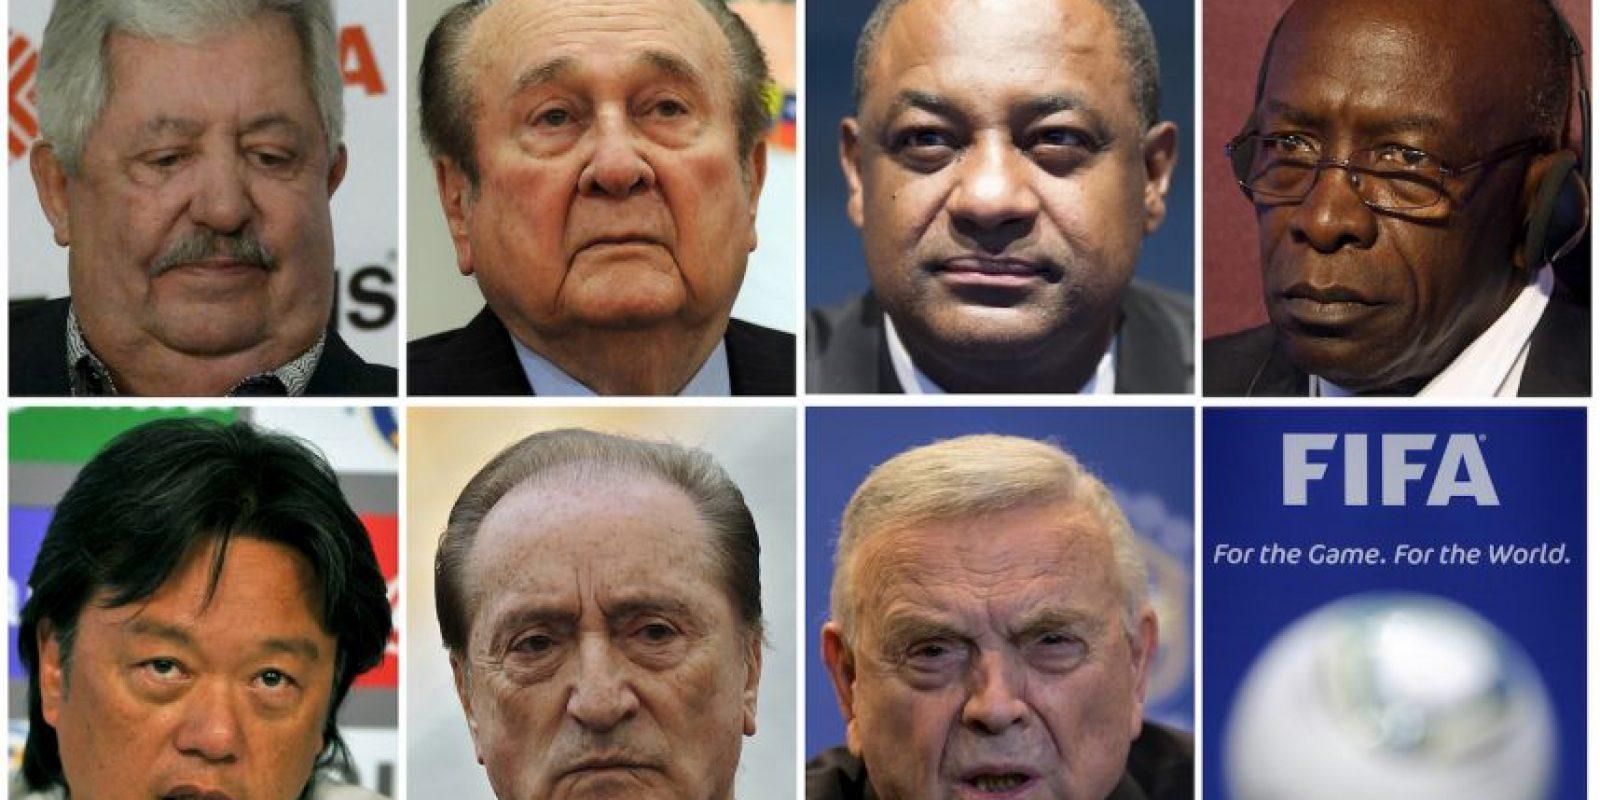 El Ministerio de Justicia de los Estados Unidos también registró el cuartel general de la FIFA en busca de material y pruebas pues acusó a 14 integrantes del organismo de delitos como lavado de dinero, corrupción y asociación delictiva. Foto:AFP